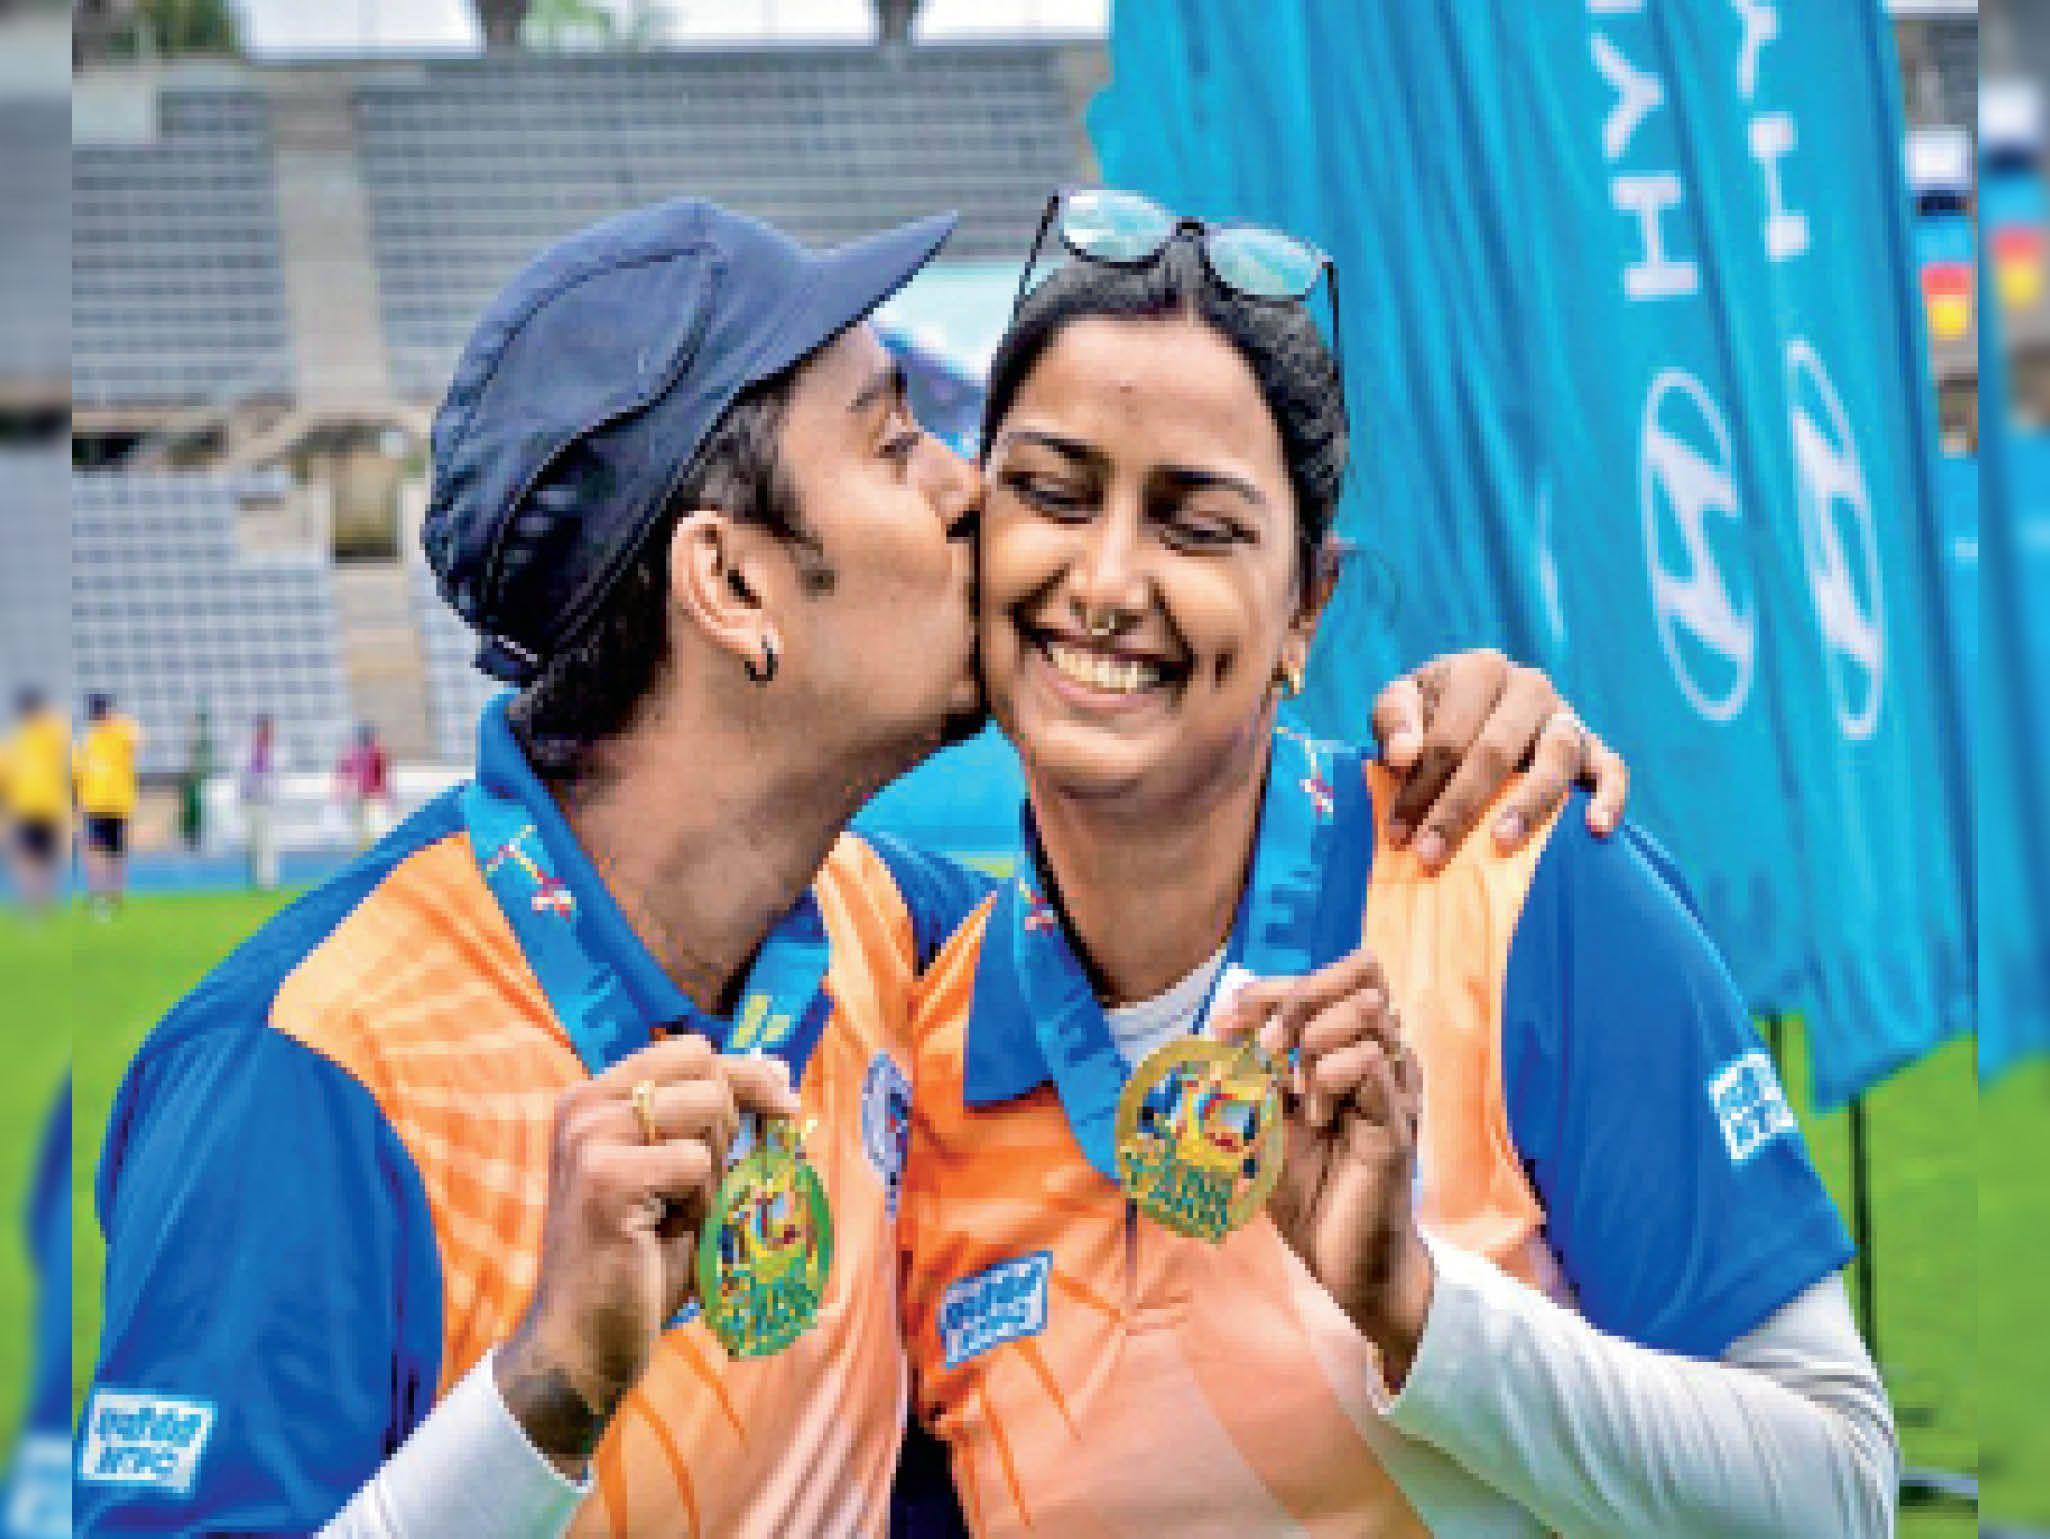 वर्ल्ड कप में भारतीय तीरंदाजों ने लगाई हैट्रिक, स्वर्ग में बनी जोड़ी ने धरती पर जीता स्वर्ण|झारखंड,Jharkhand - Dainik Bhaskar